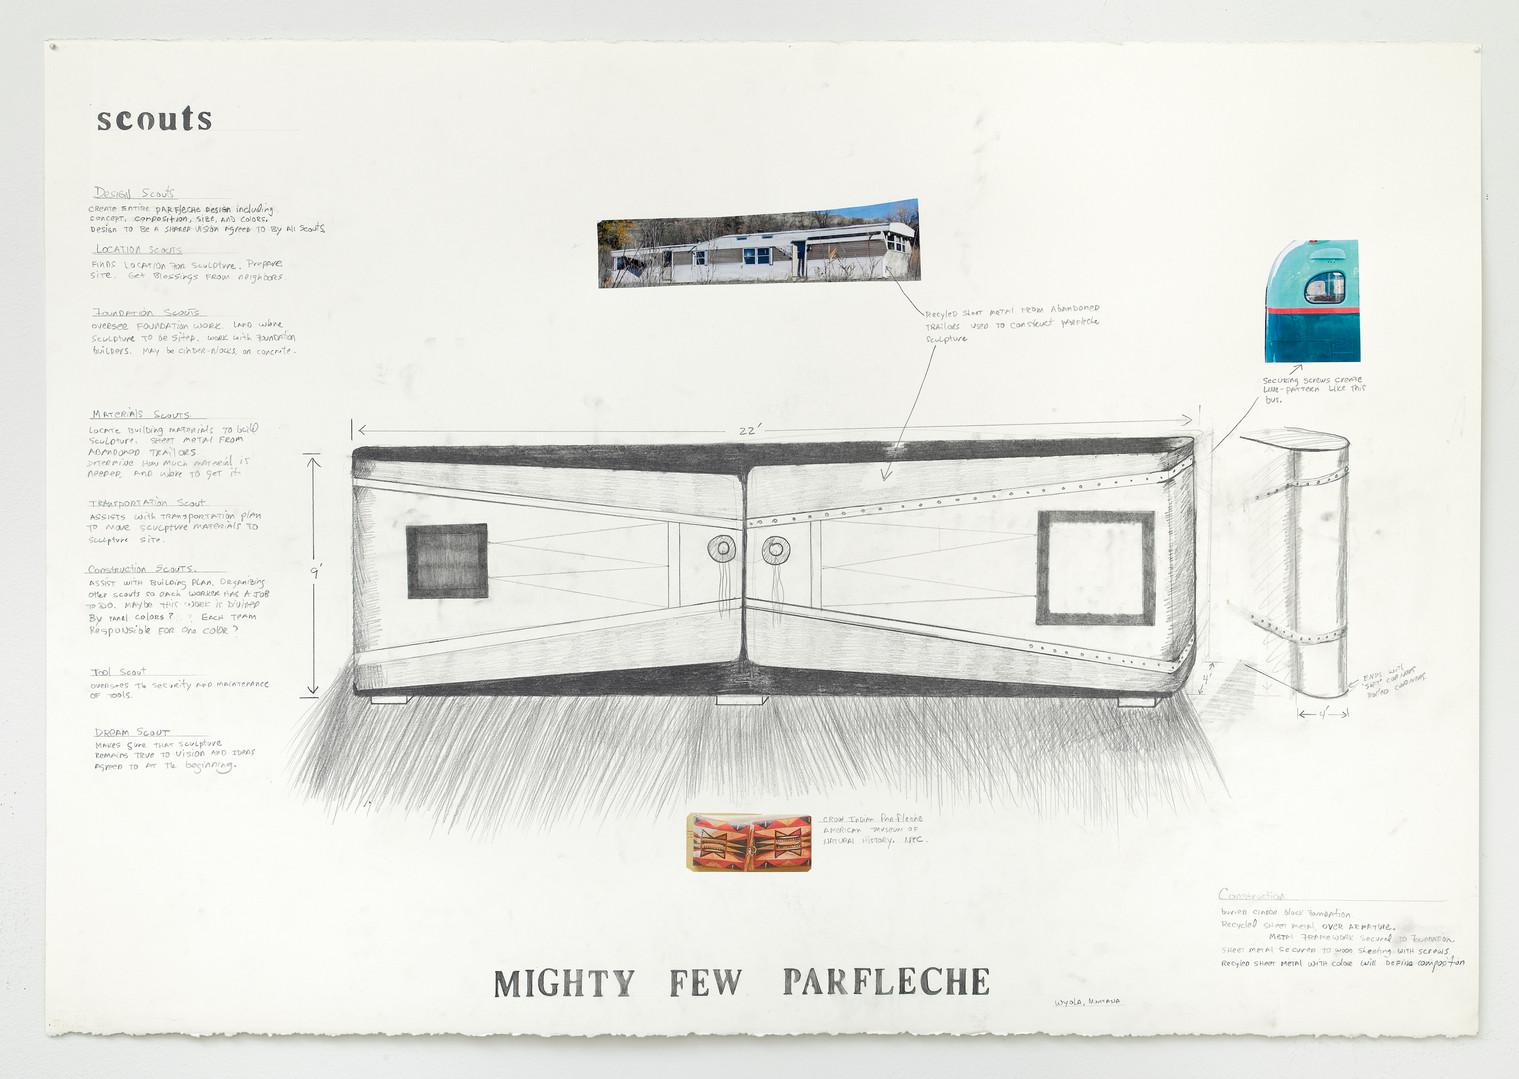 Mighty Few Parfleche, Work Drawing proposal